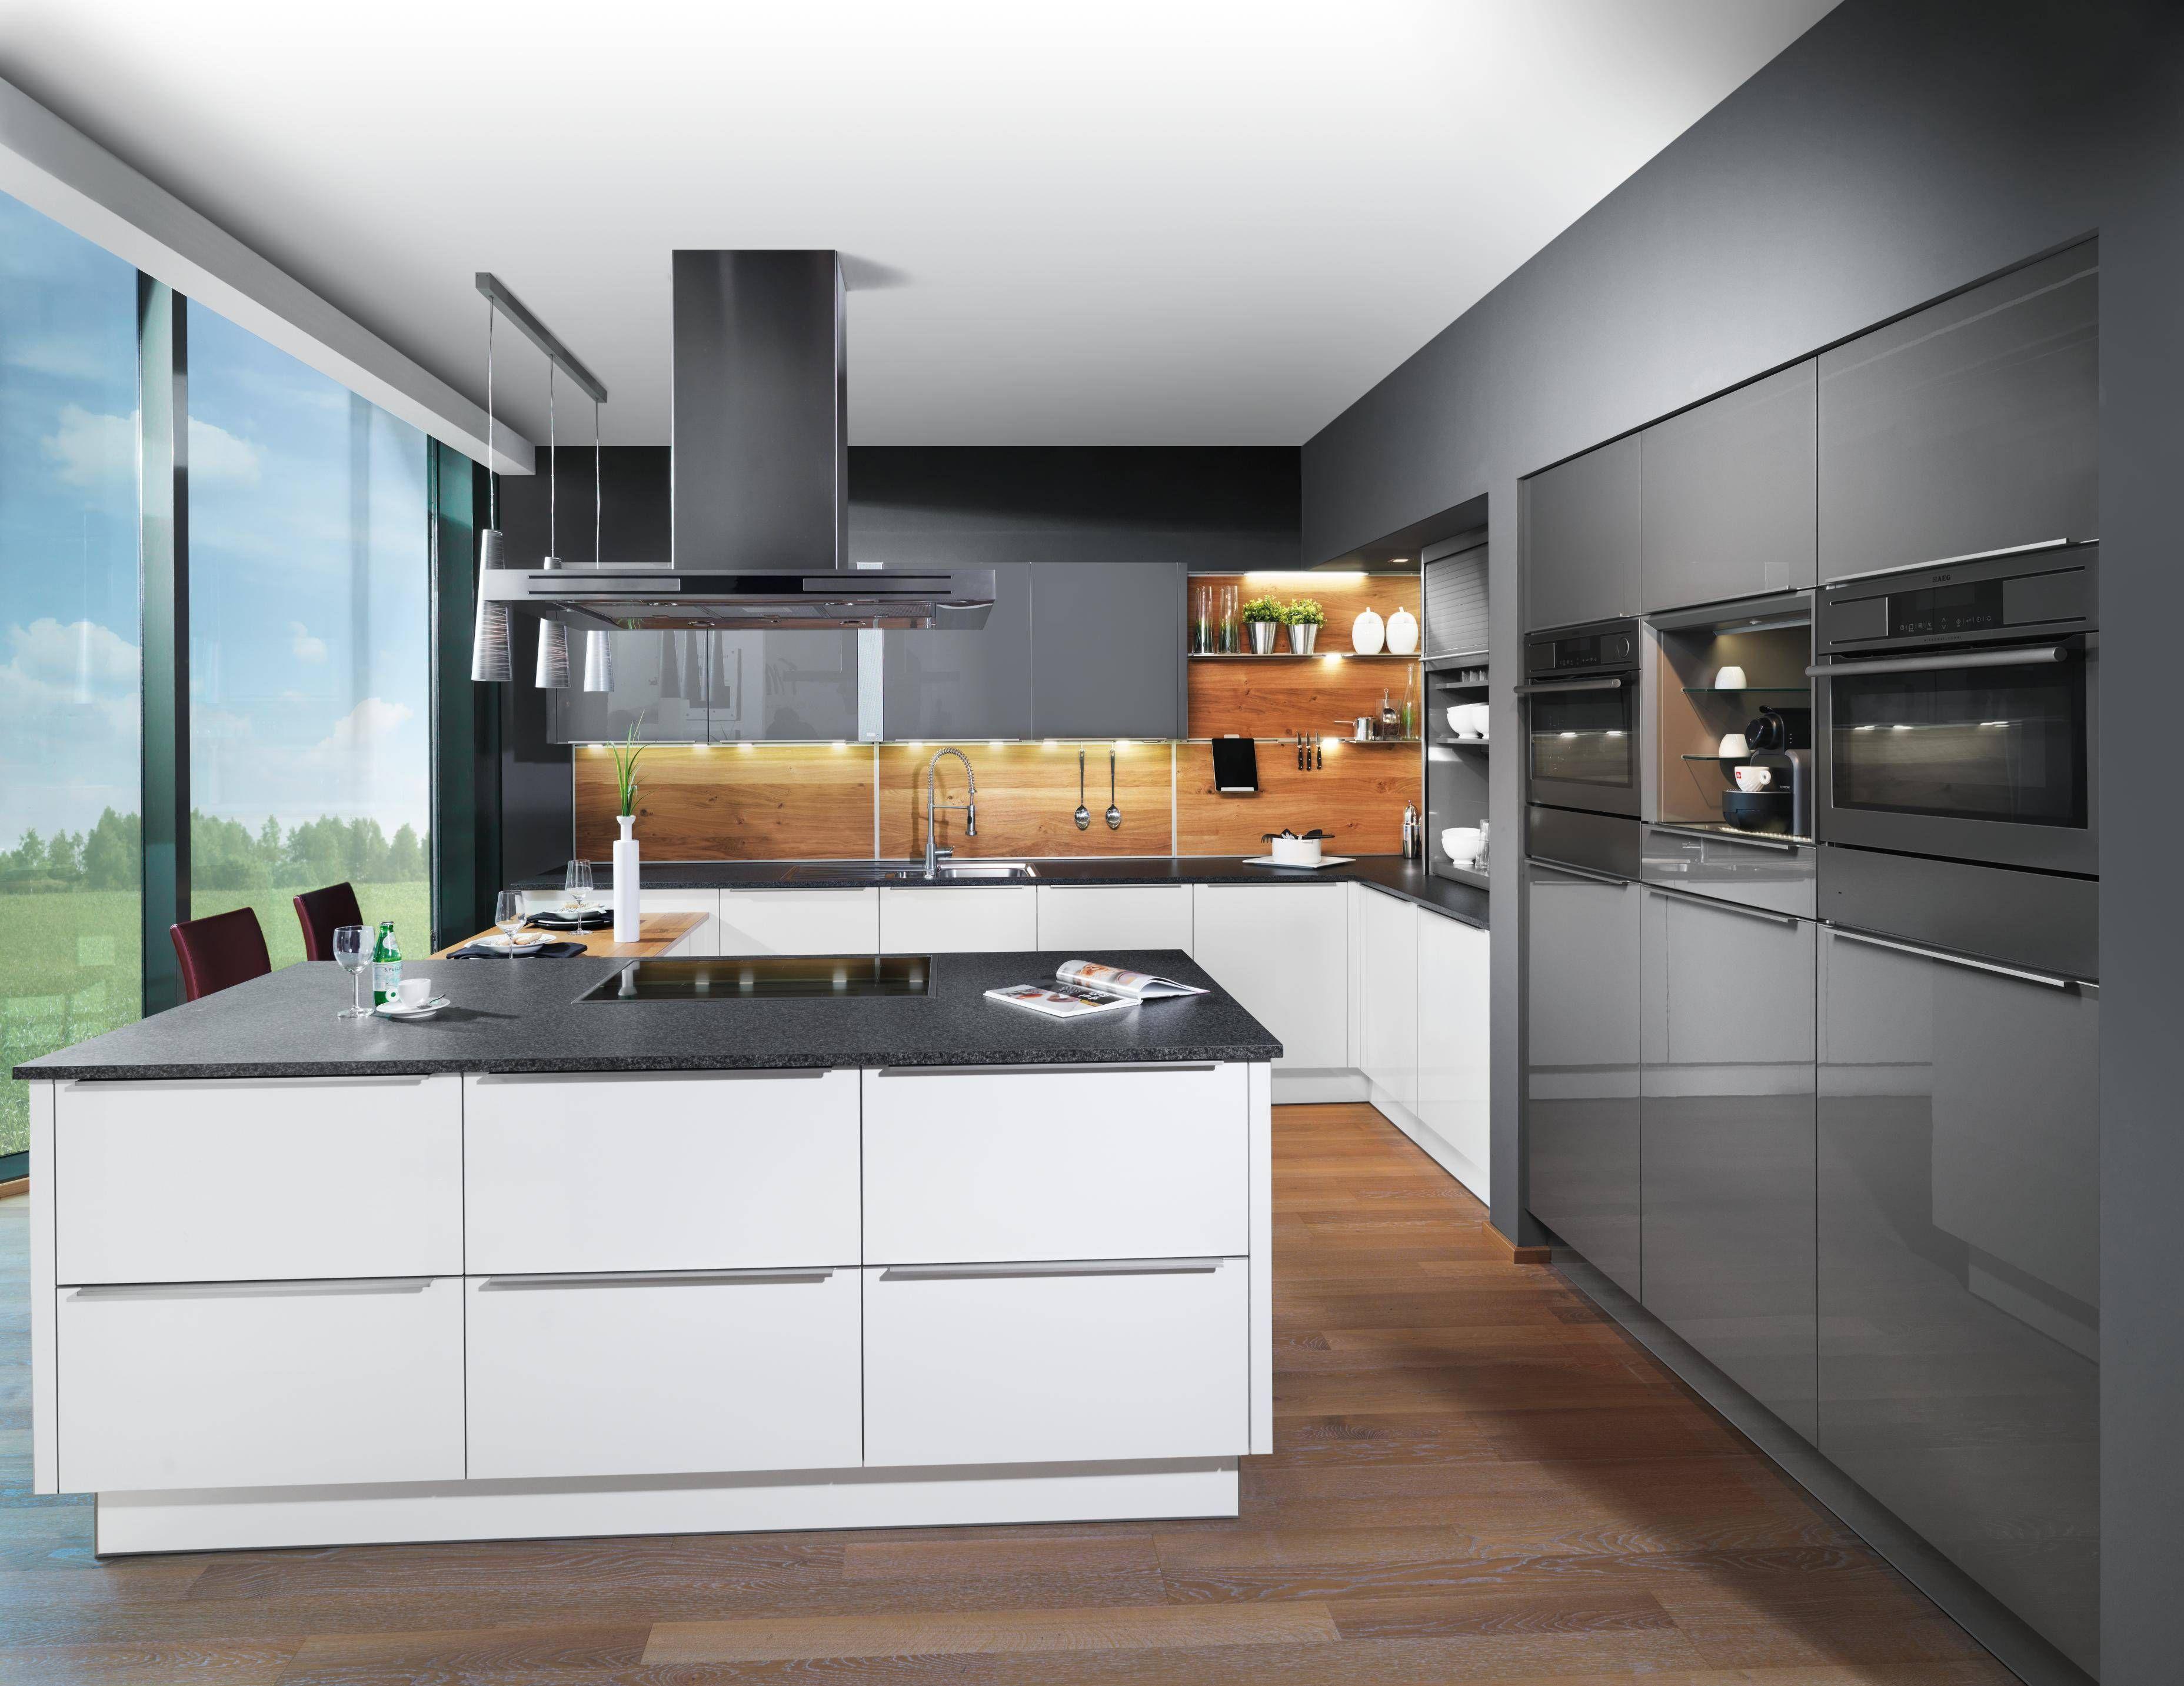 Ewe Küche hochglanz, Moderne küche, Küche holzboden